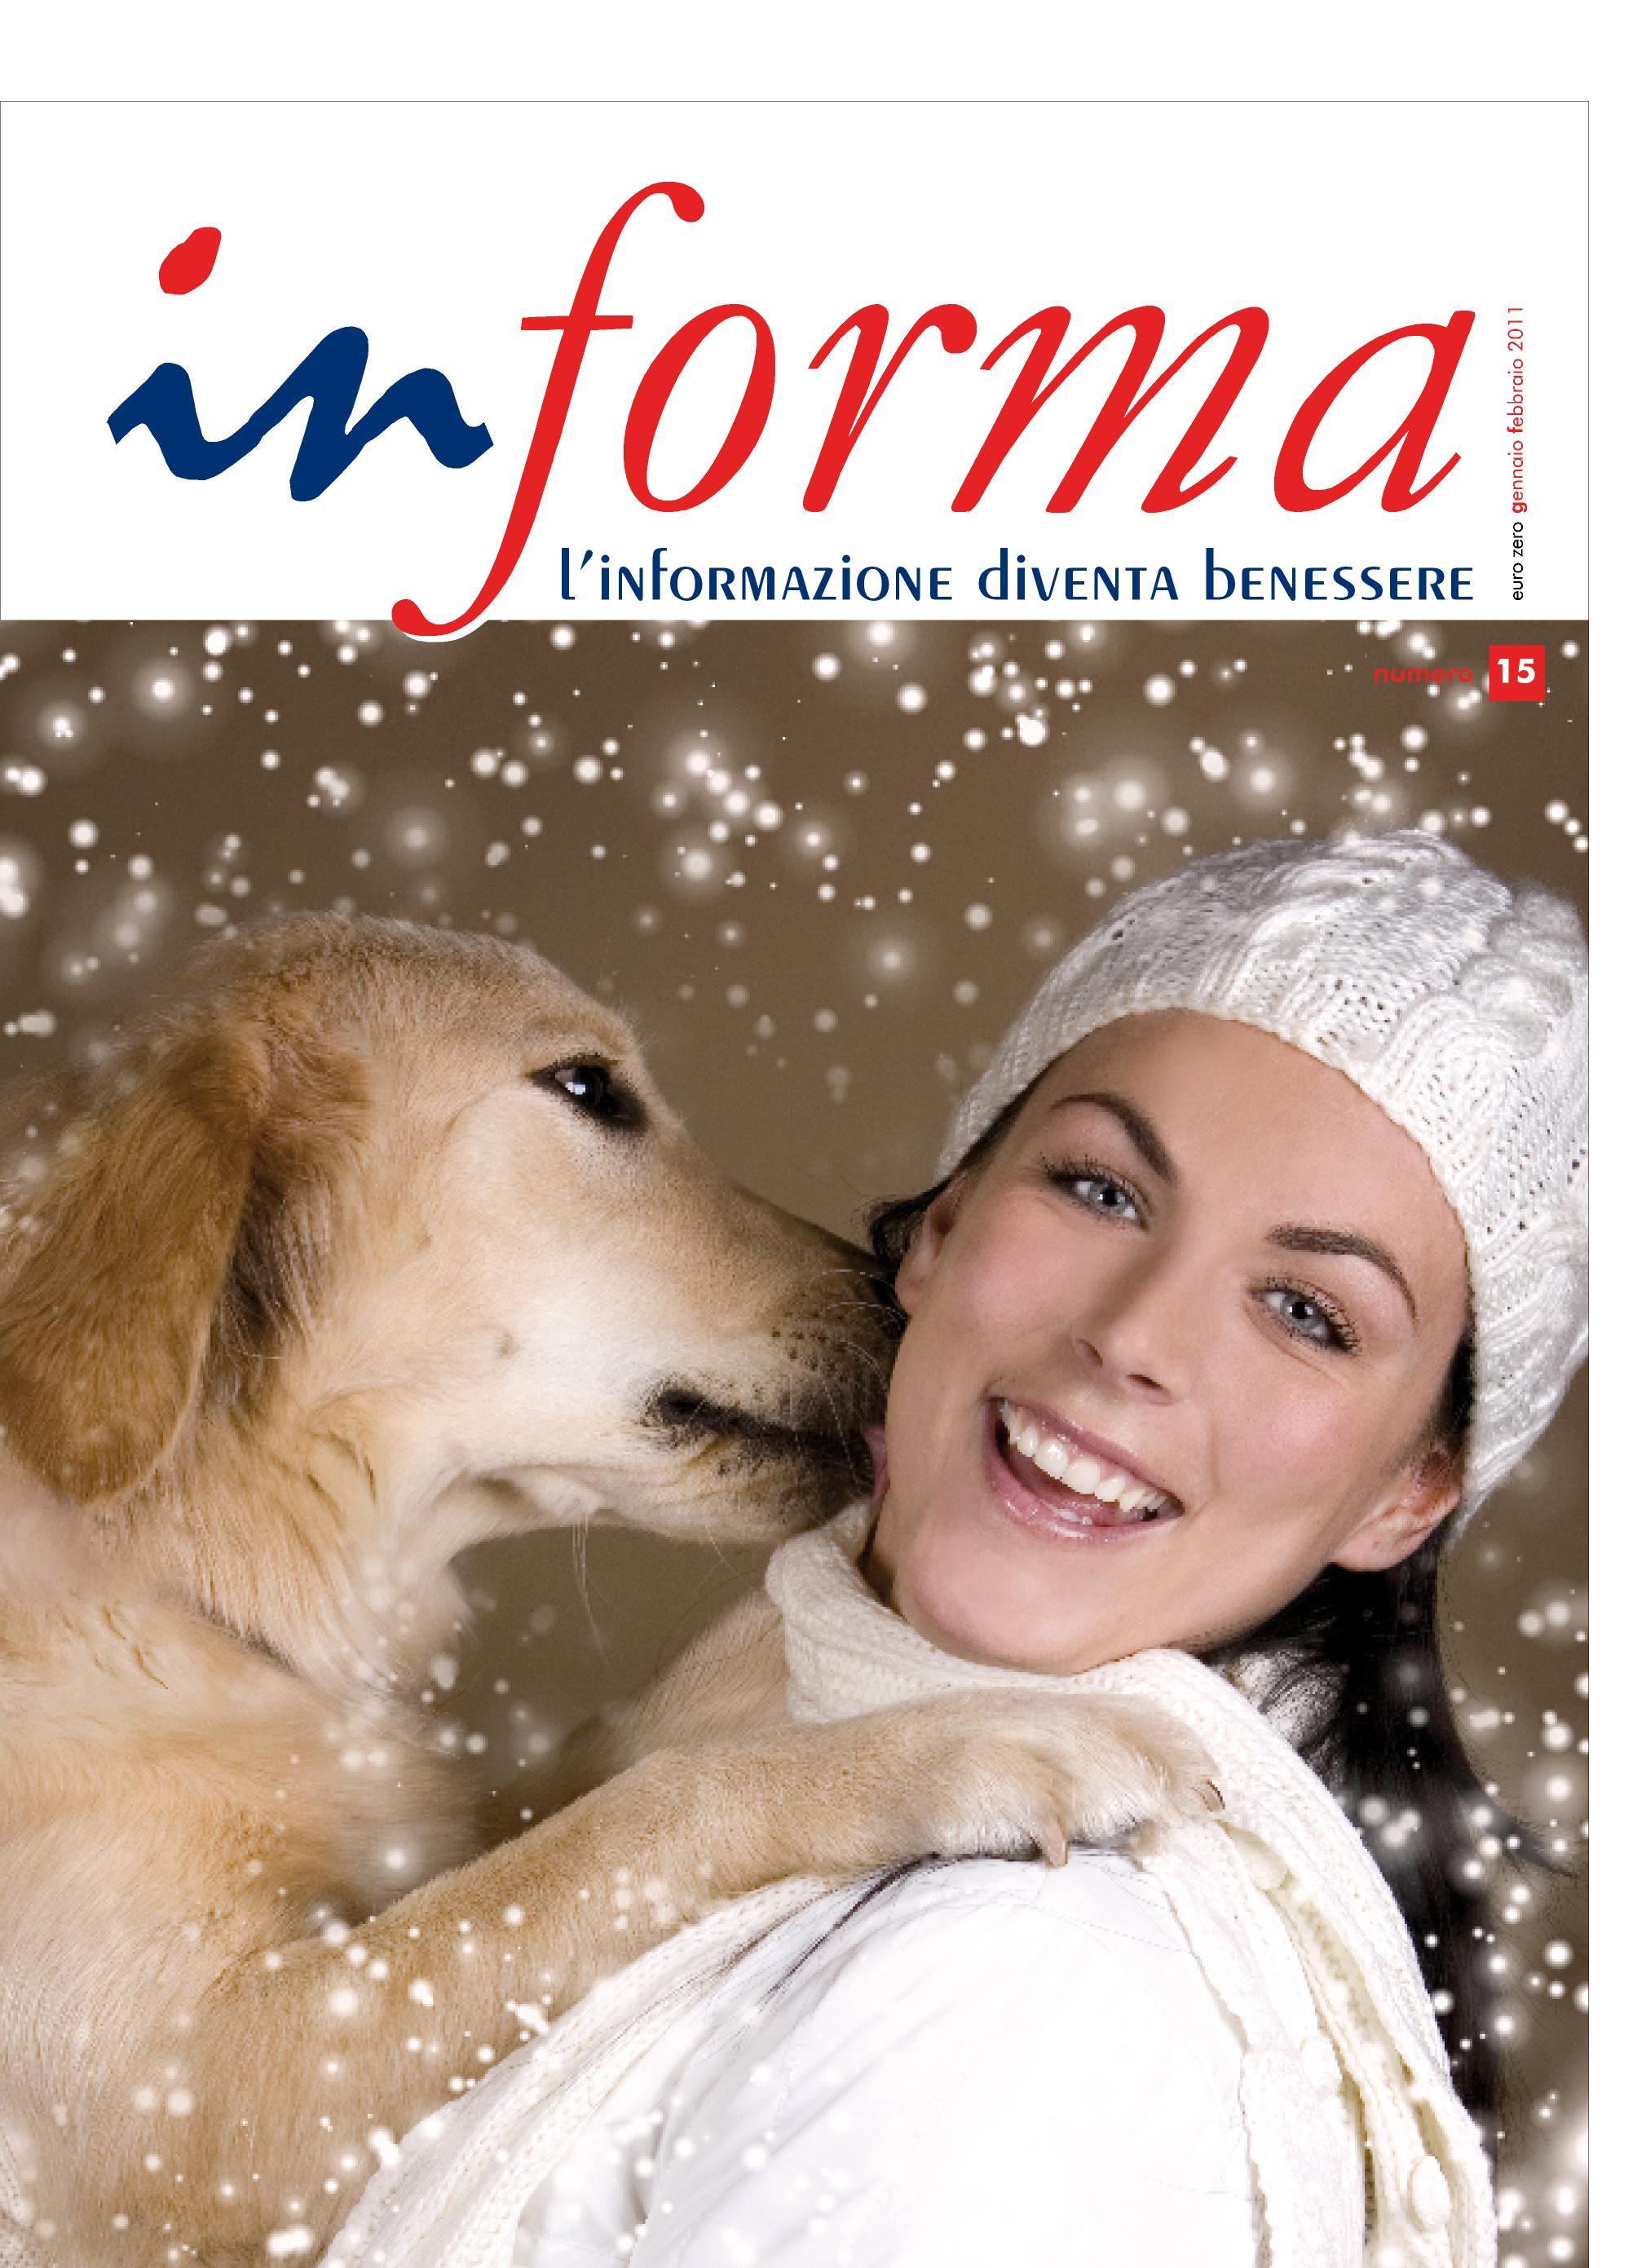 La copertina rappresenta un cane di razza golden retriever che lecca il viso di una donna con i capelli lunghi neri ed un capello bianco invernale